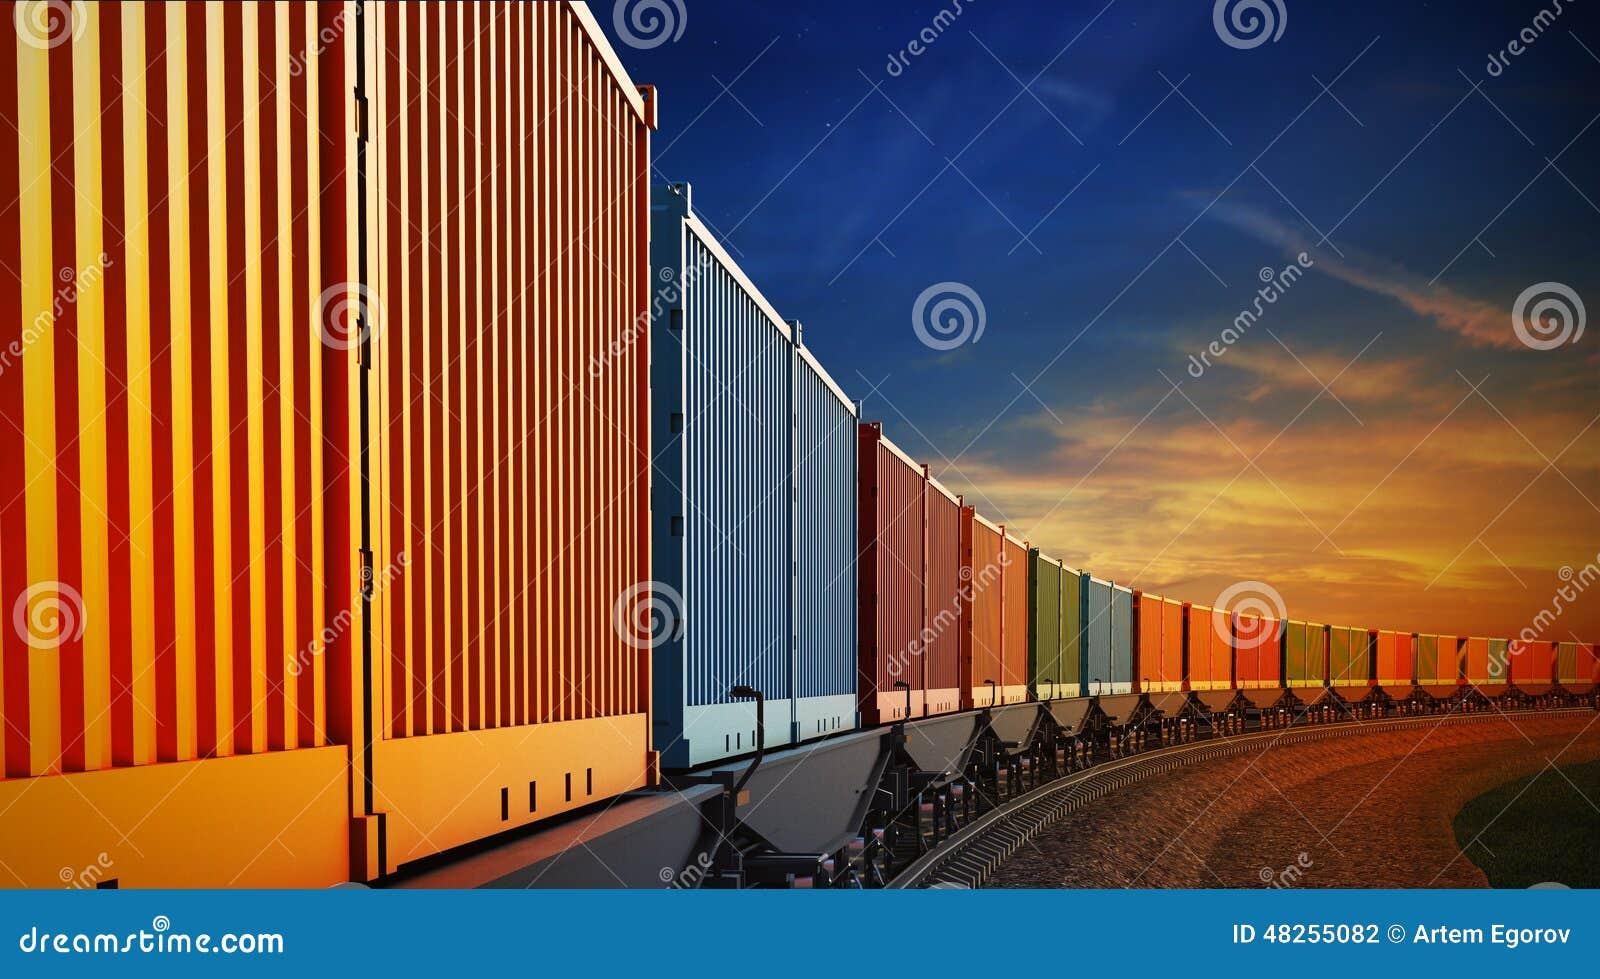 Furgon pociąg towarowy z zbiornikami na nieba tle